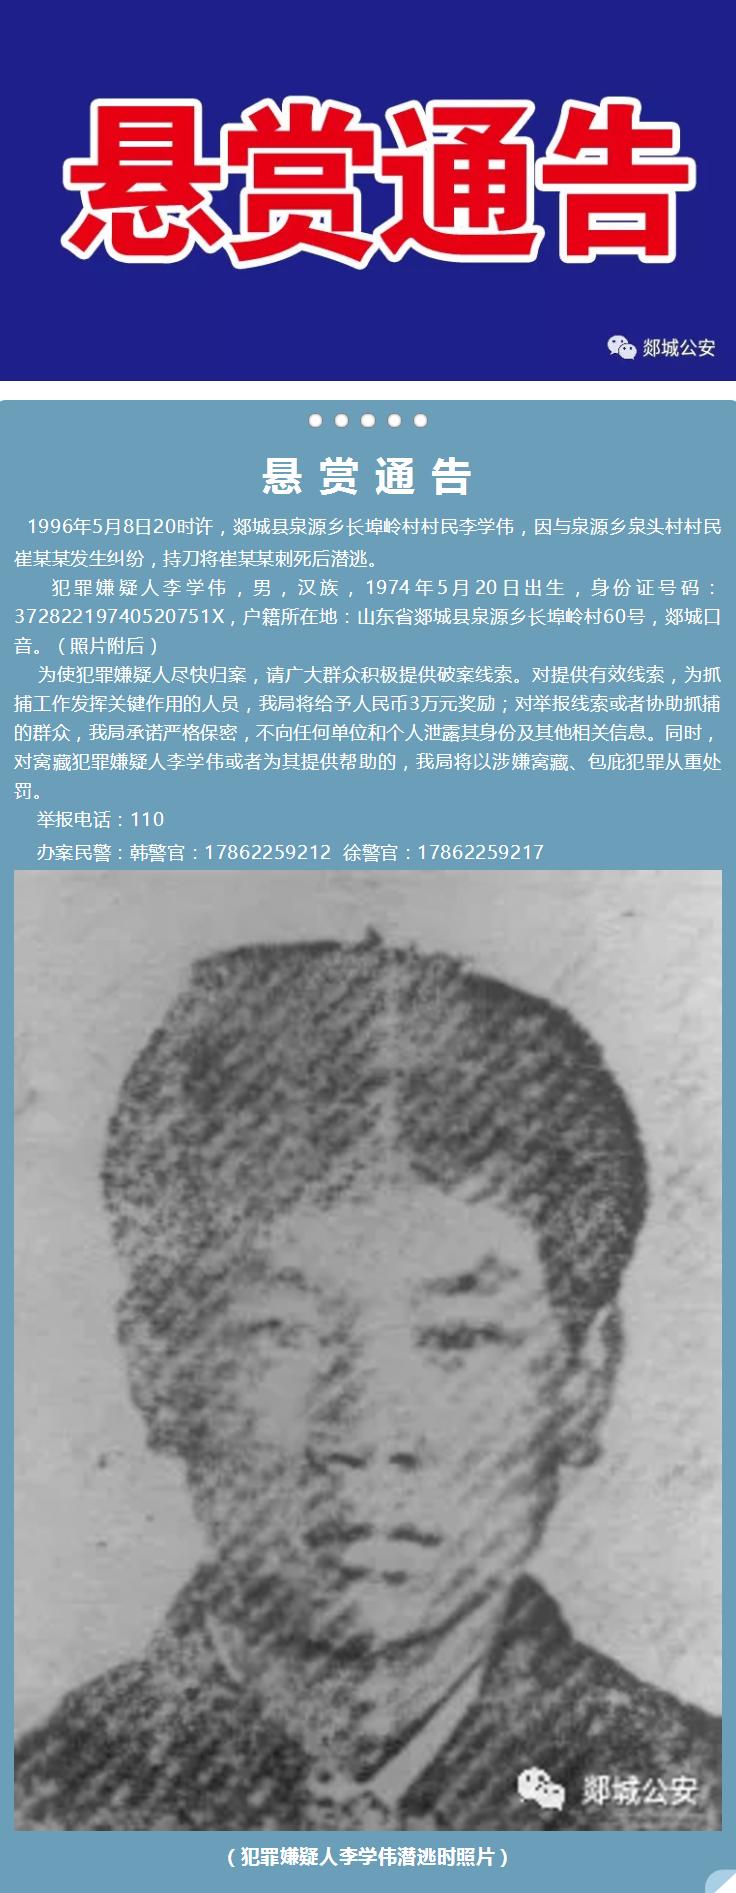 山东郯城警方悬赏追捕一23年前凶杀案嫌疑人,奖金3万元